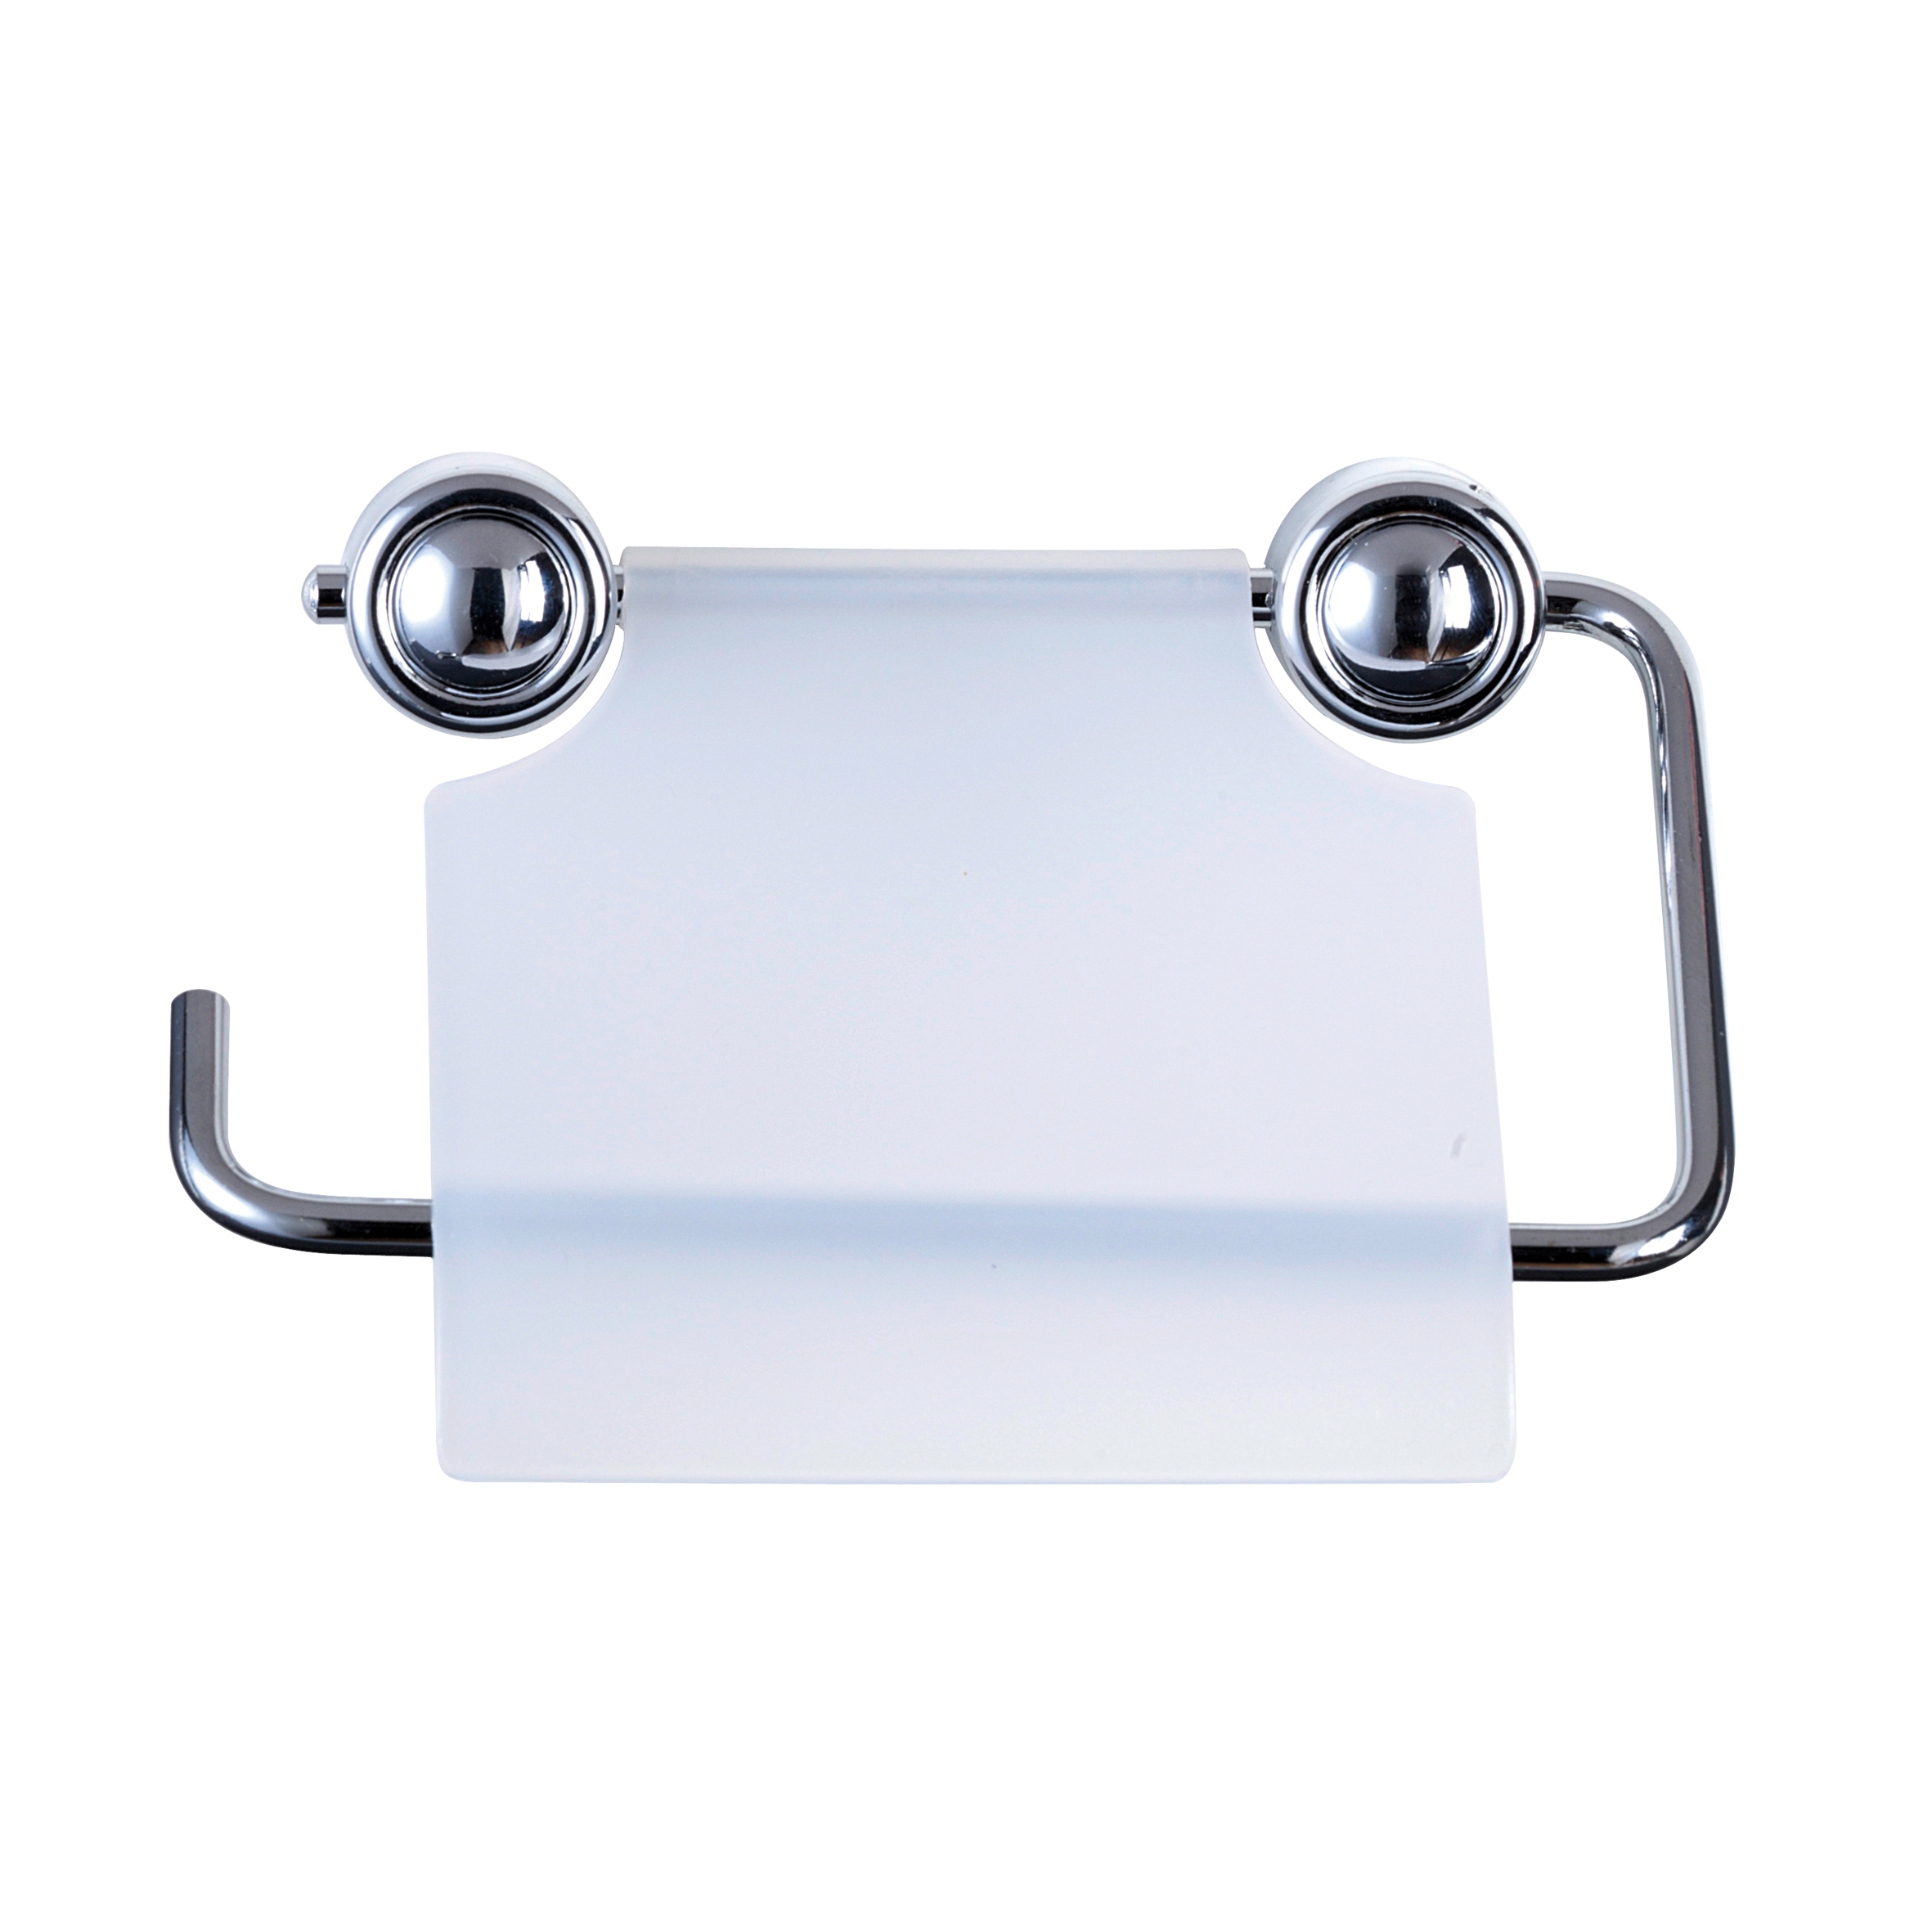 Держатель для туалетной бумаги Axentia Atlantik, с крышкой, 13 х 10 х 13,3. 280030 держатели для туалетной бумаги axentia держатель для туалетной бумаги